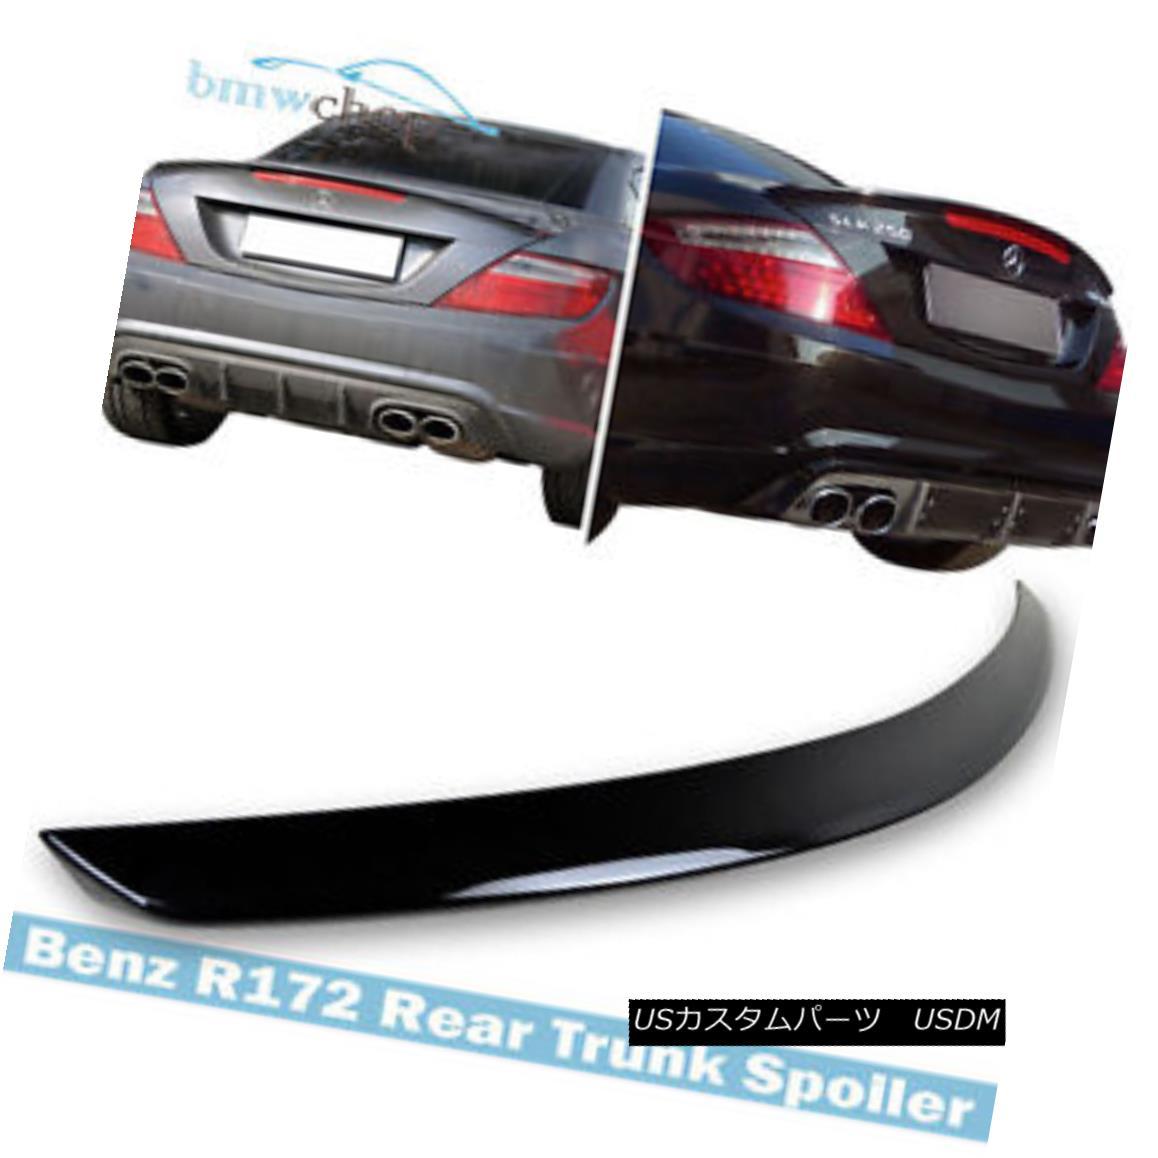 エアロパーツ Mercedes Benz SLK-Class R172 AM-Look Trunk Spoiler Painted #197 Obsidian Black メルセデス・ベンツSLKクラスR172 AMルック・トランク・スポイラー・ペイント#197 Obsidian Black